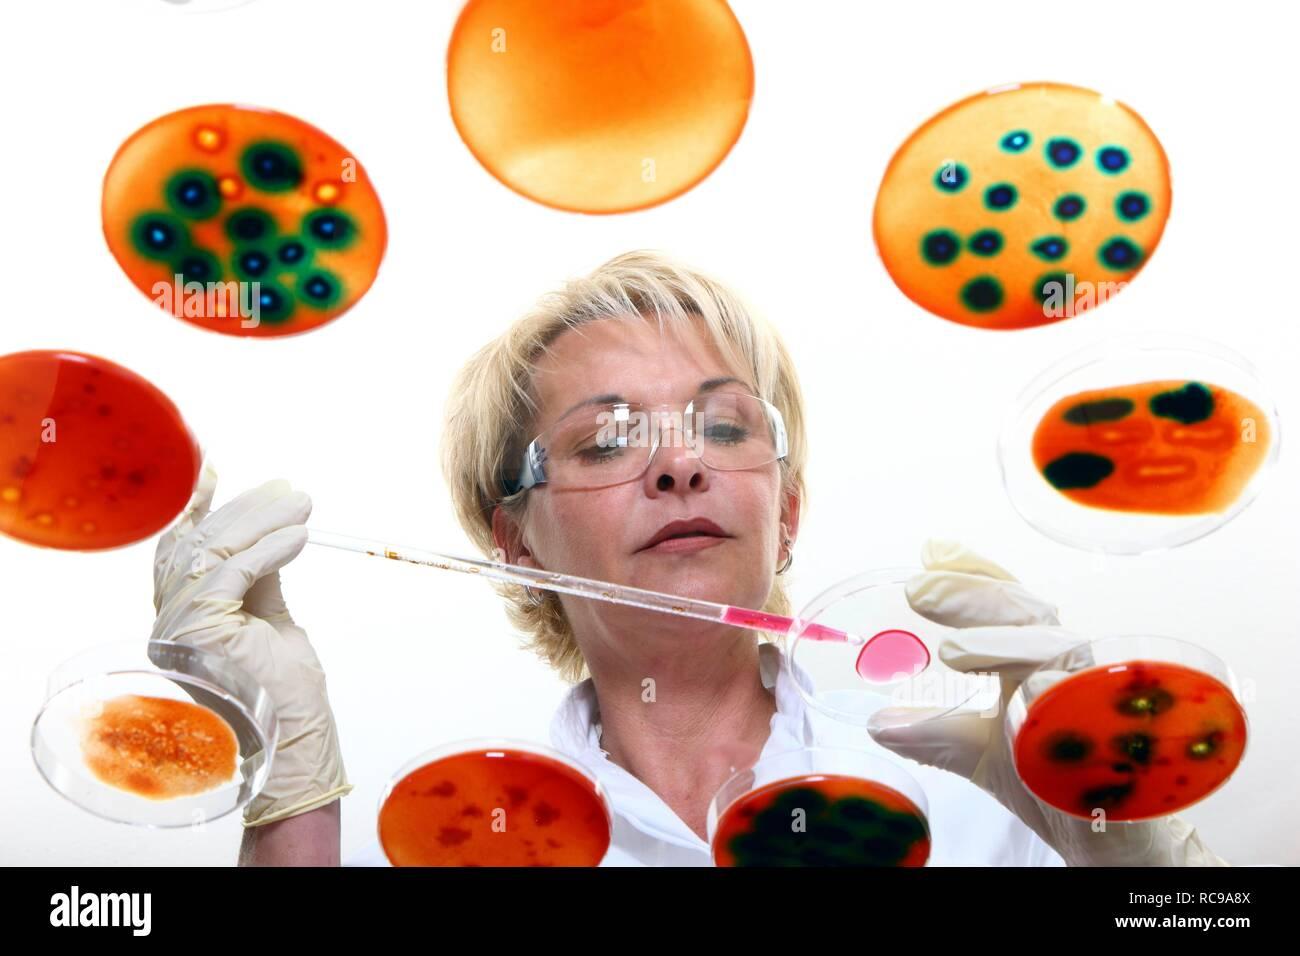 Tecnico di laboratorio lavora con le colture di batteri in capsule di petri in laboratorio Immagini Stock